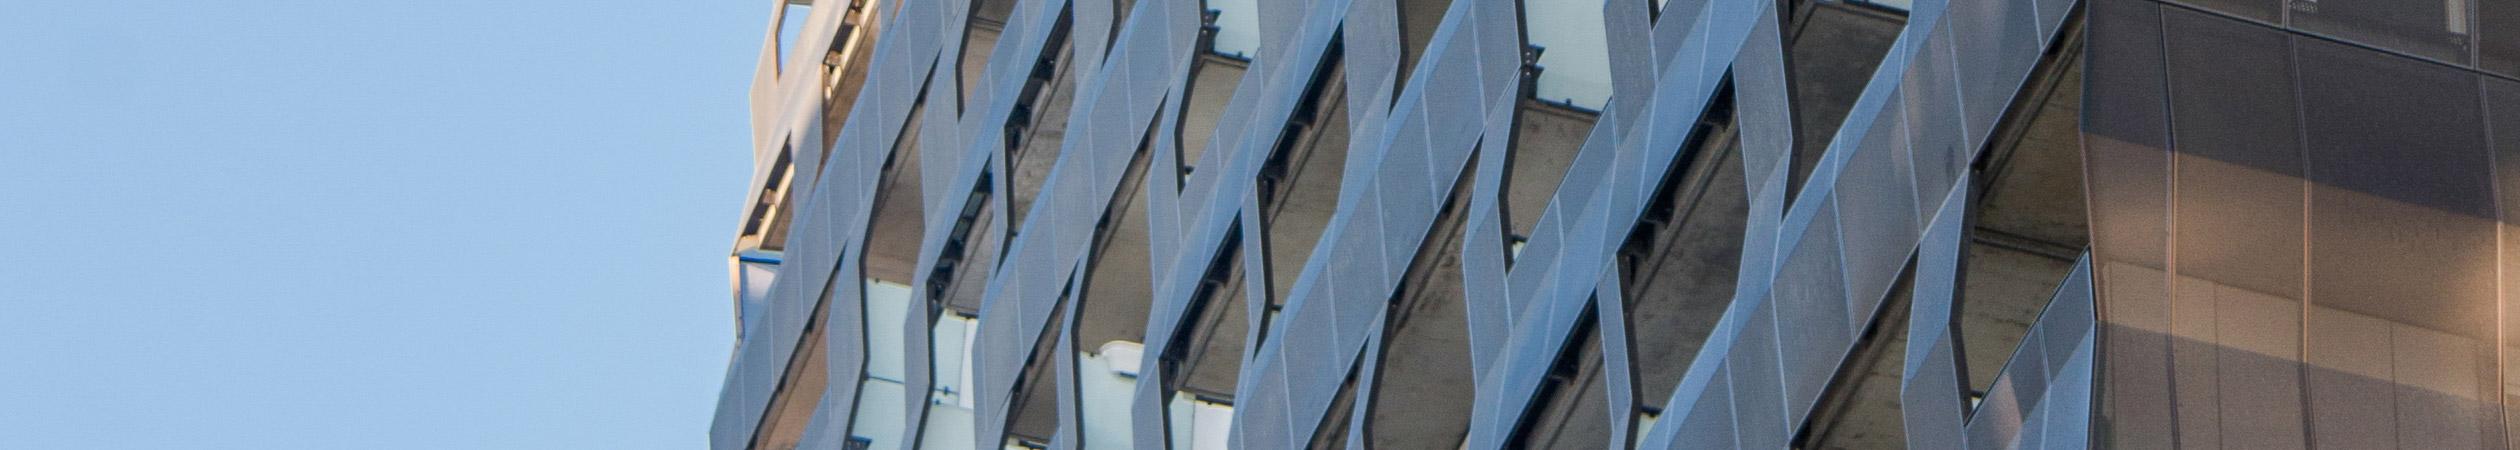 serie serramenti iper termica